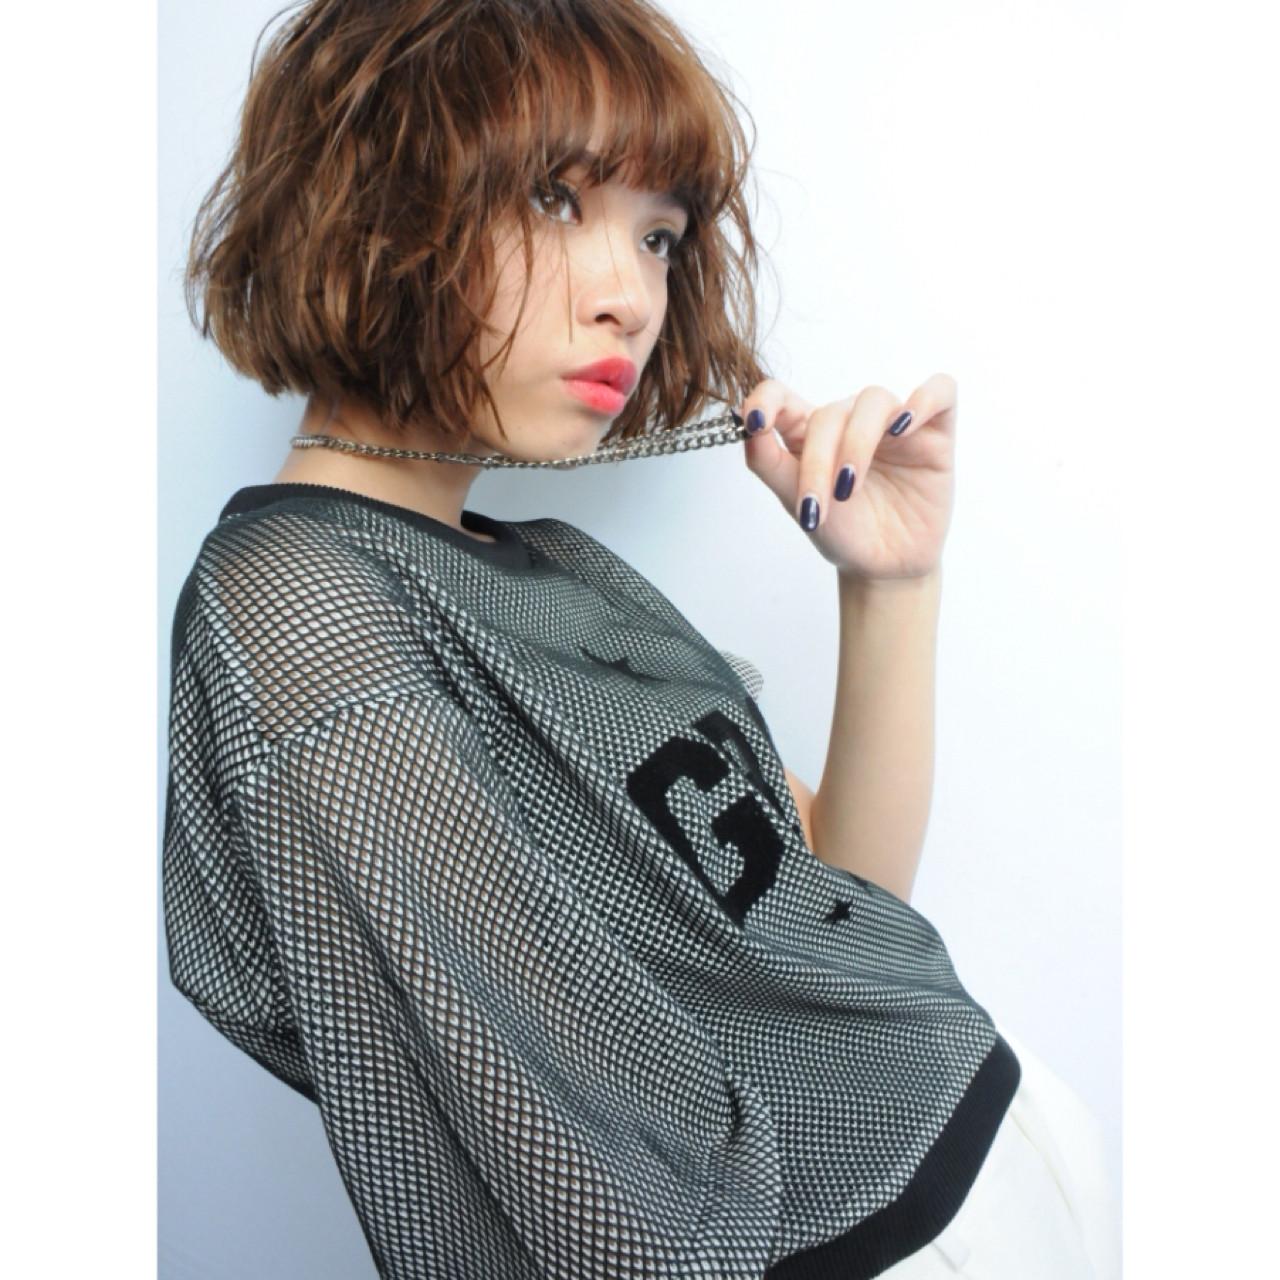 ボブ ストリート ショート 外国人風 ヘアスタイルや髪型の写真・画像 | bloc 柏 昌弘 / bloc japon